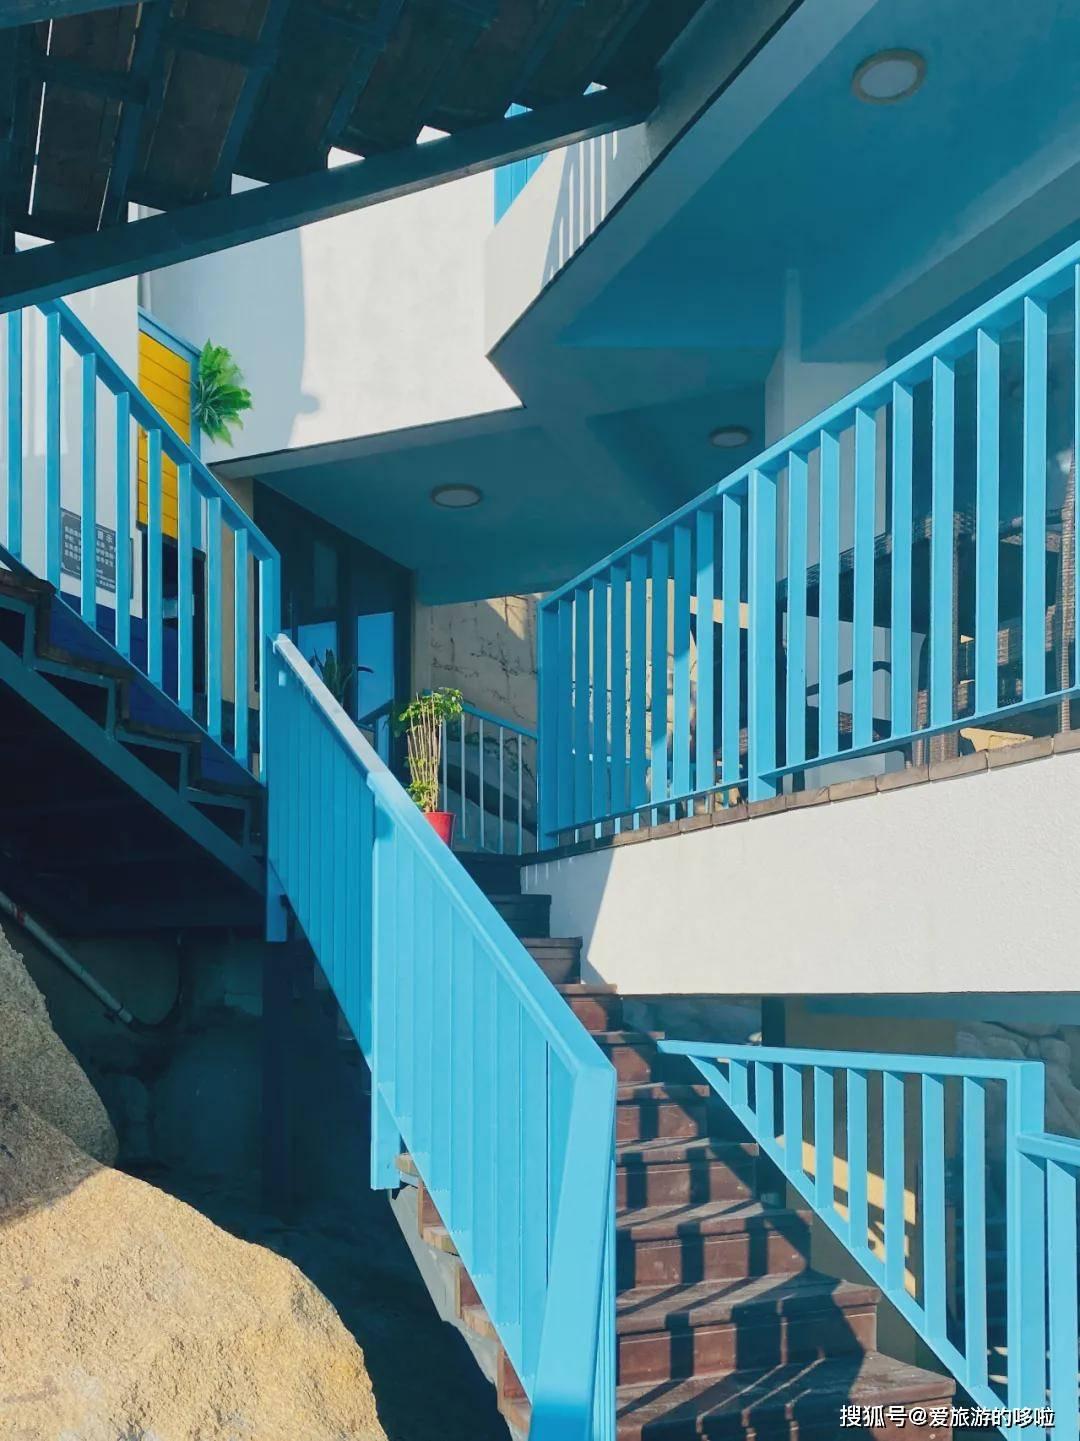 机票往返300+,比厦门文艺1000倍的沿海小城,藏着春天最美的海